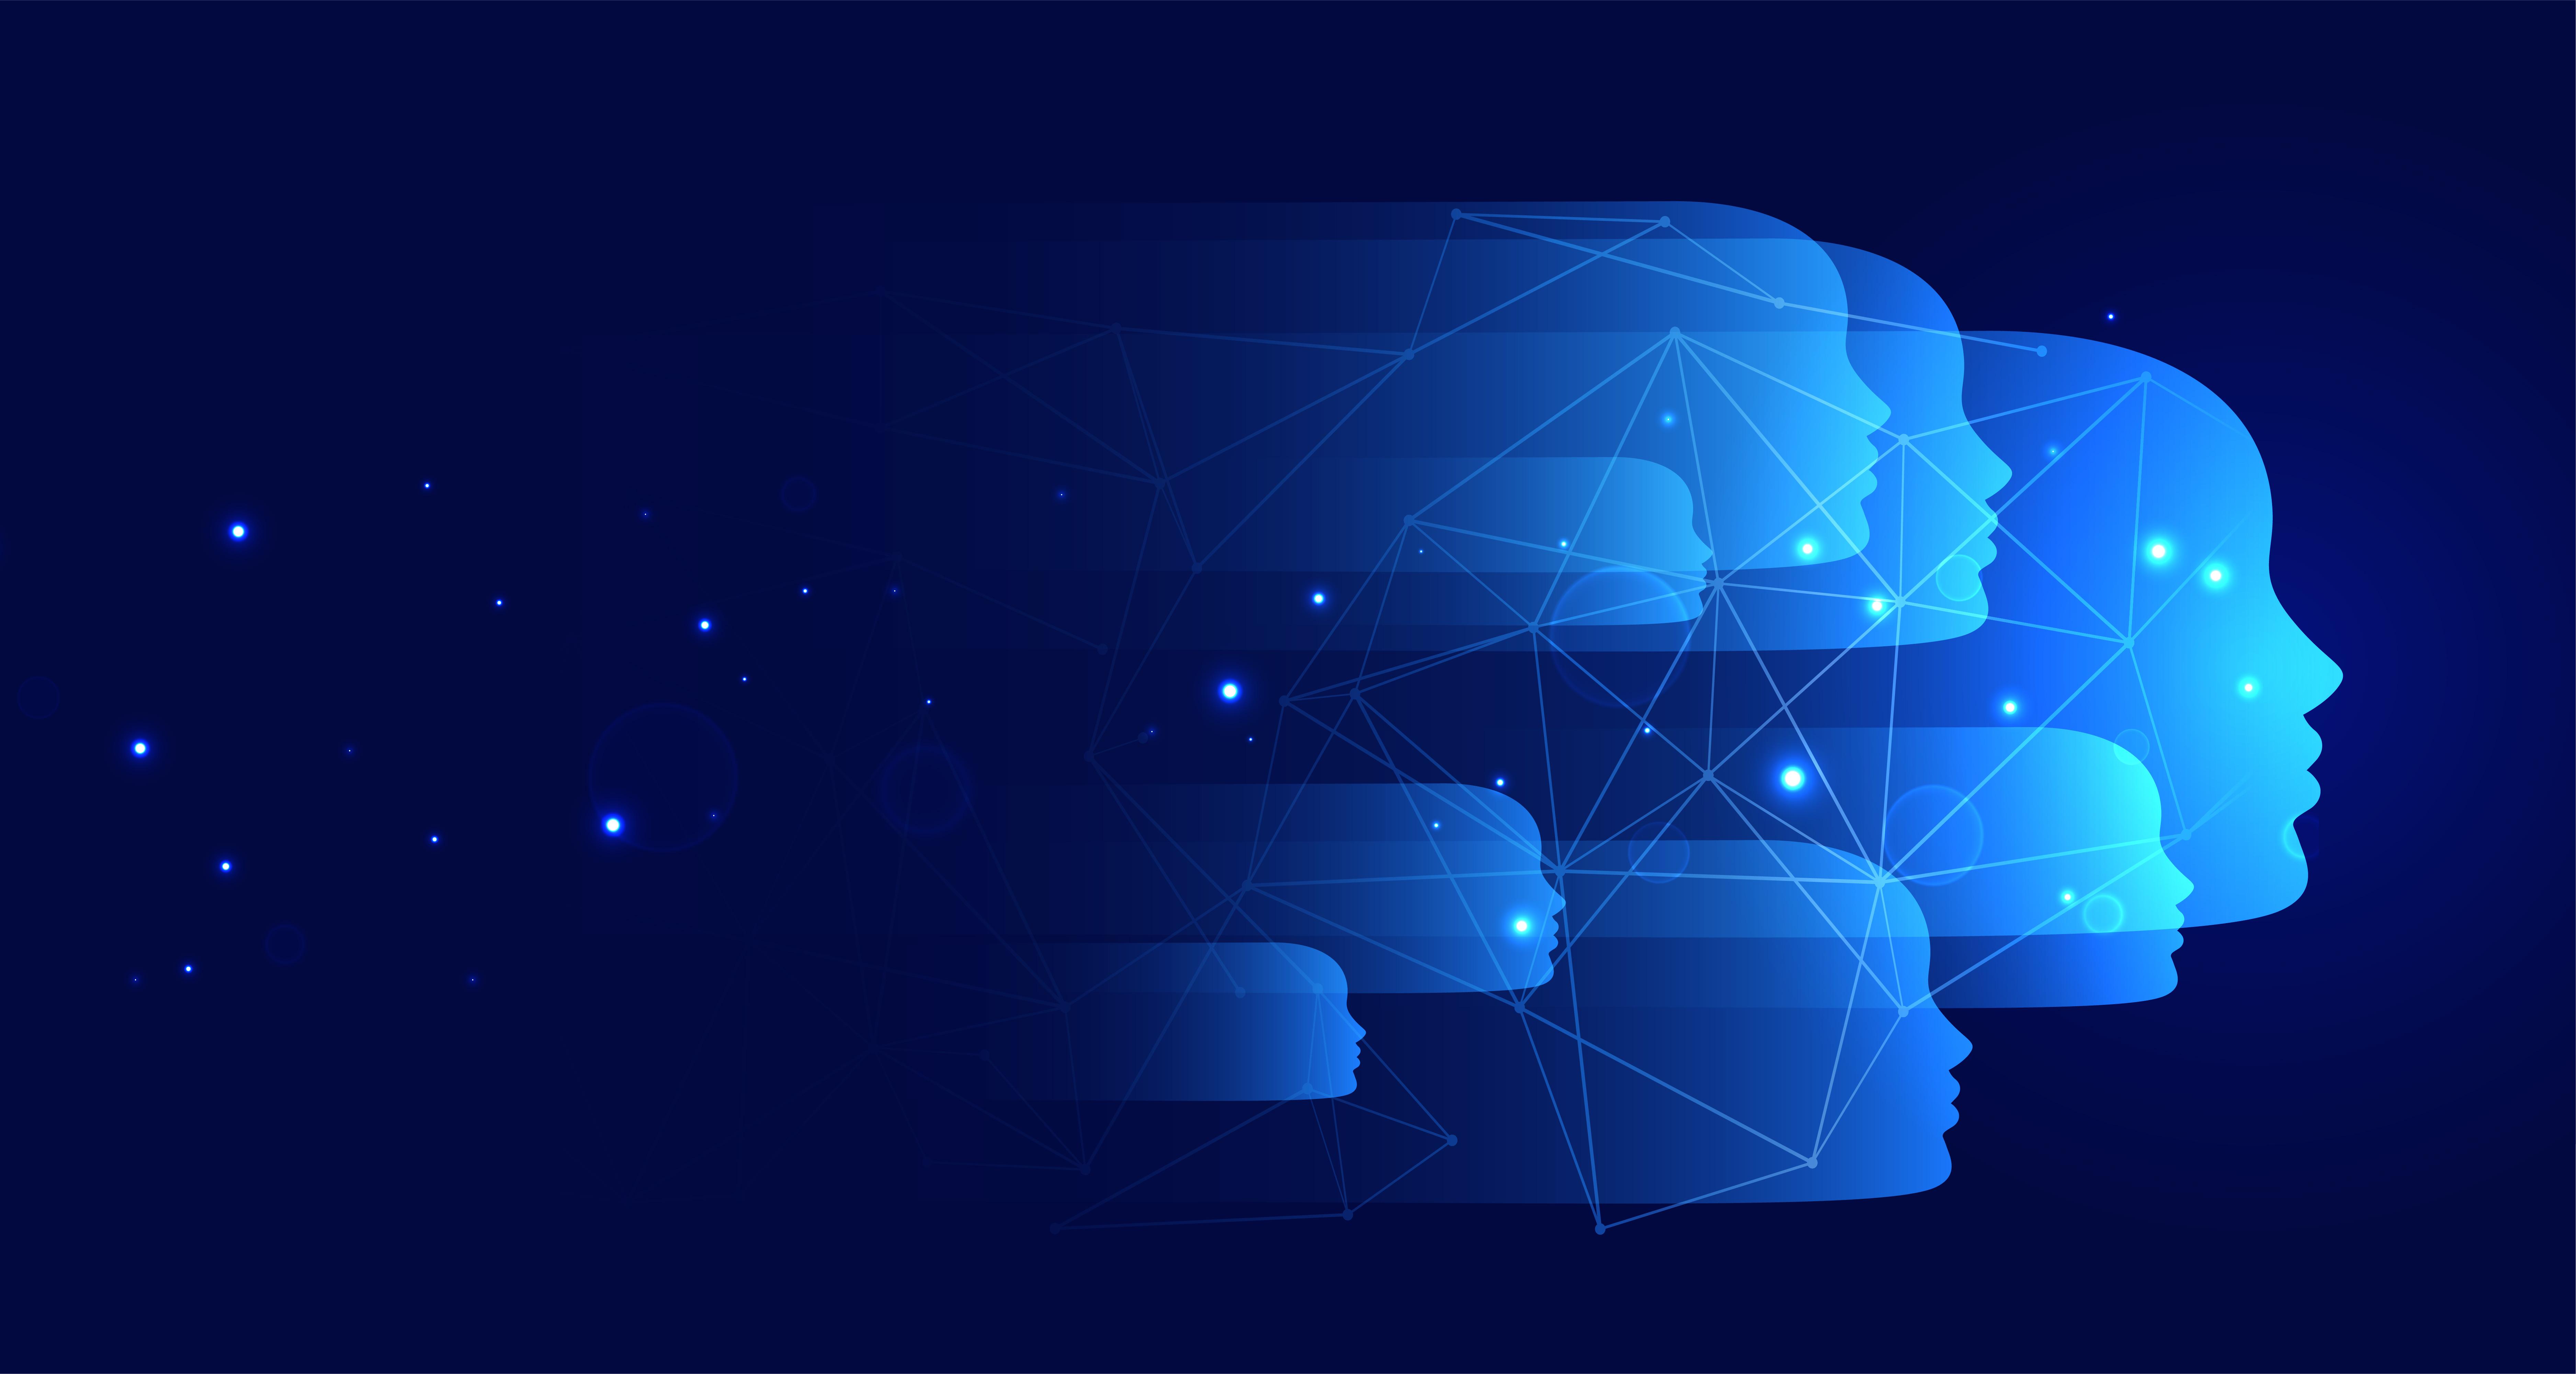 Inteligência artificial no recrutamento e seleção: Entenda como aplicar